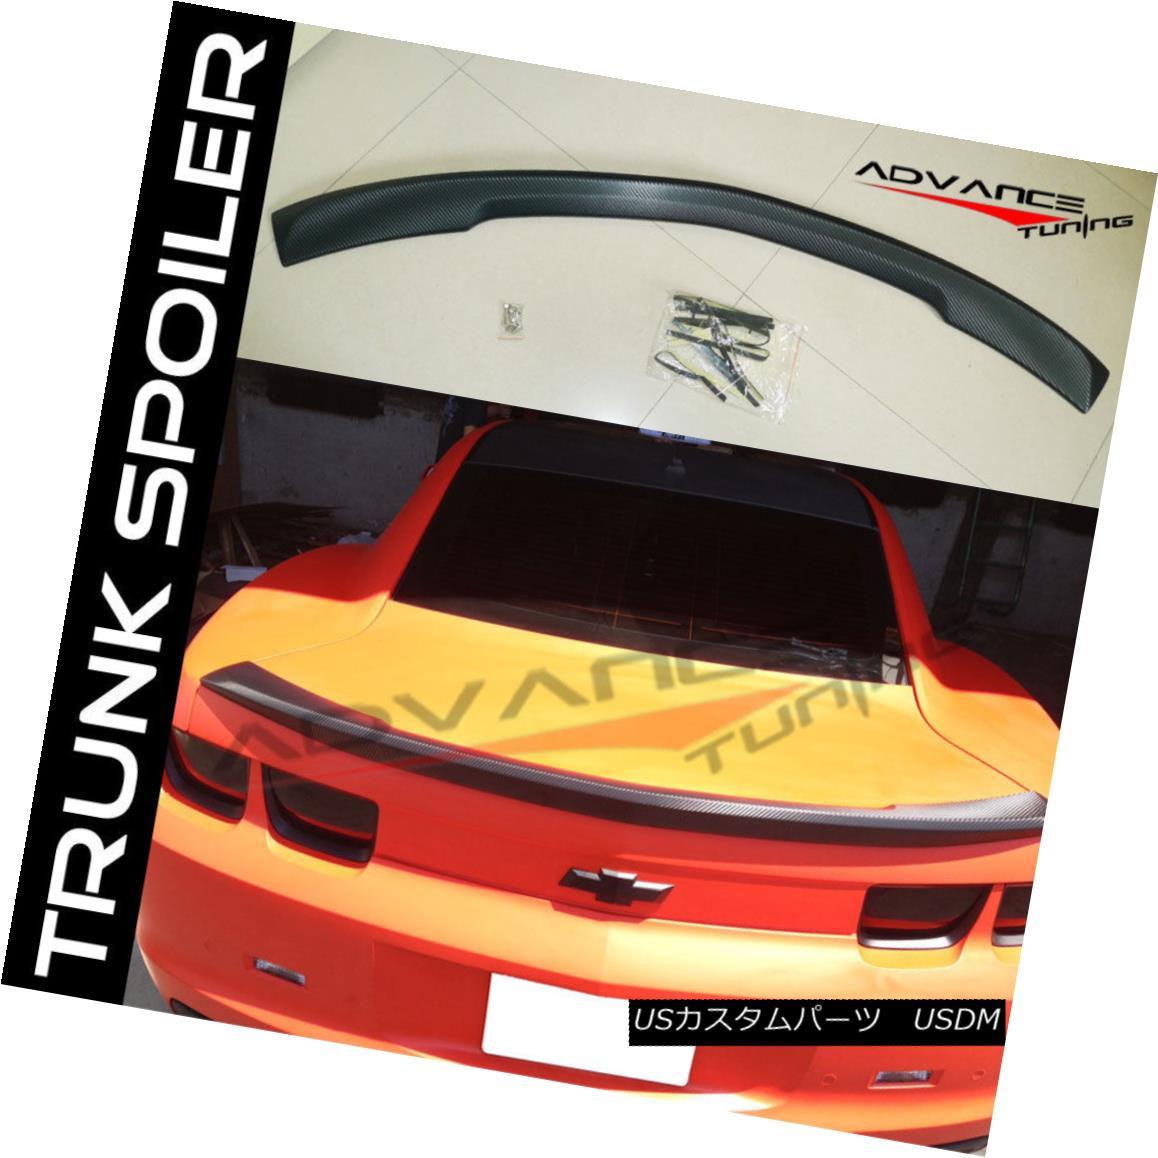 エアロパーツ Fits 10-13 Chevrolet Camaro OE 4D Vinyl Wrap CF Duck Trunk Lip Spoiler Wing フィット10-13シボレーカマロOE 4DビニールラップCFダックトランクリップスポイラーウィング